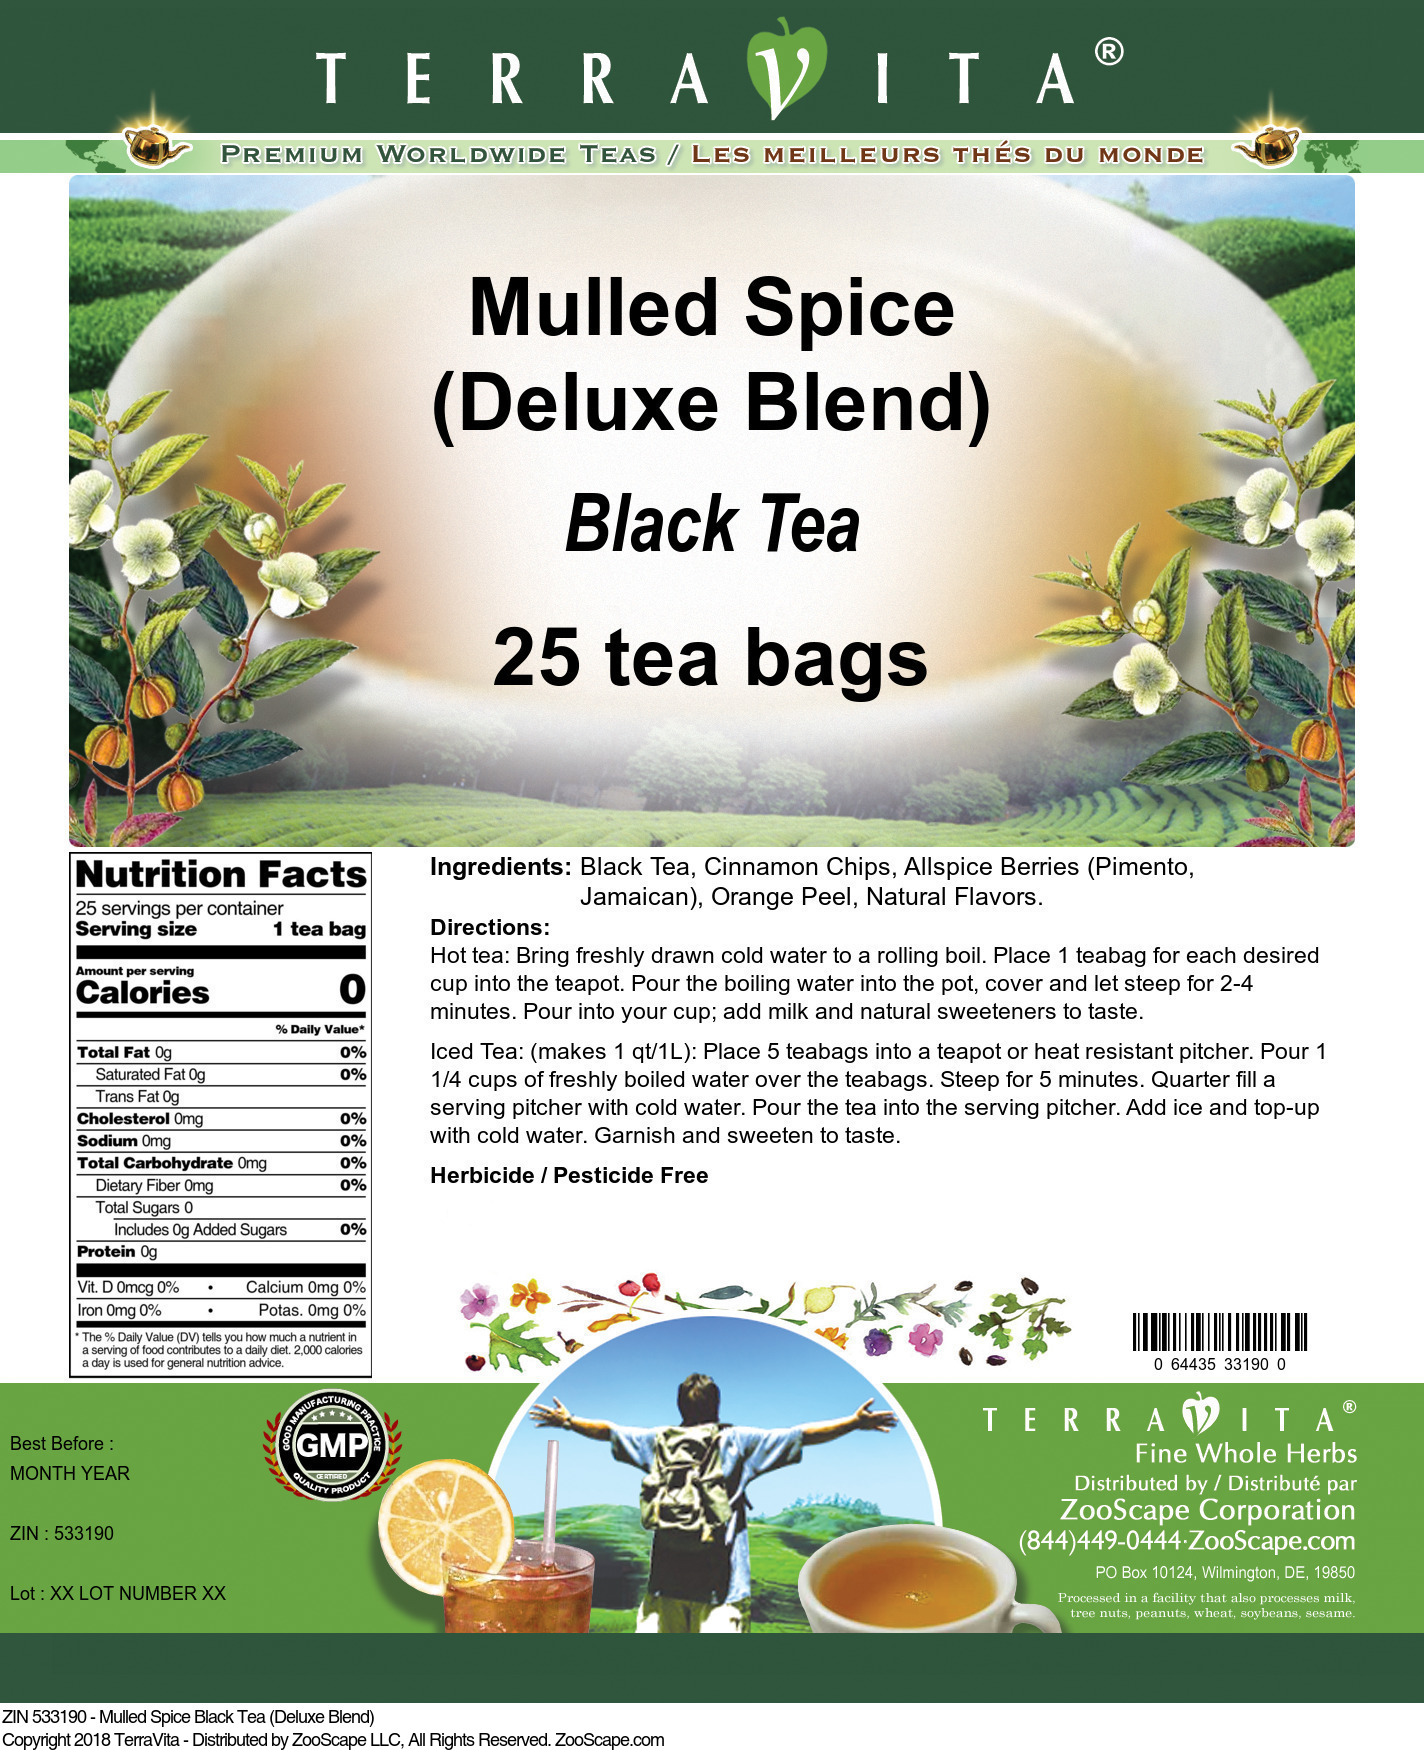 Mulled Spice Black Tea